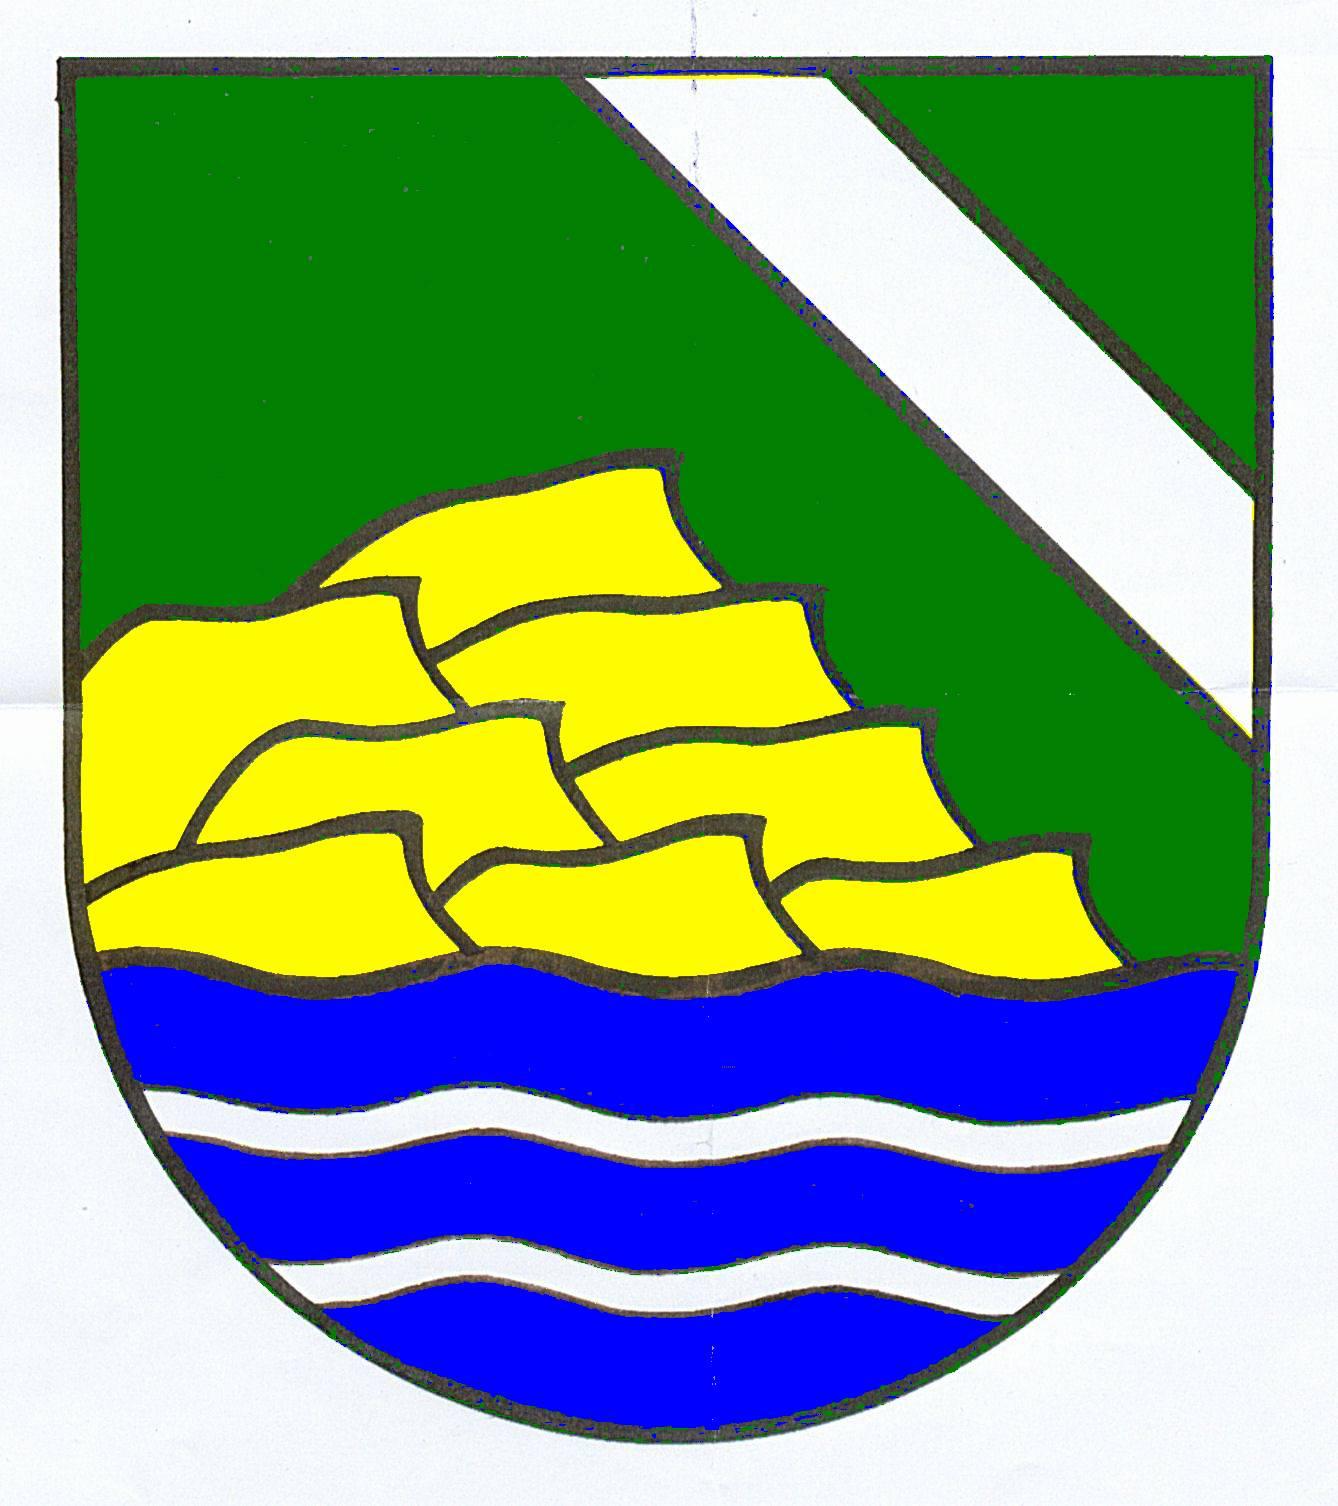 Wappen GemeindeSüderlügum, Kreis Nordfriesland